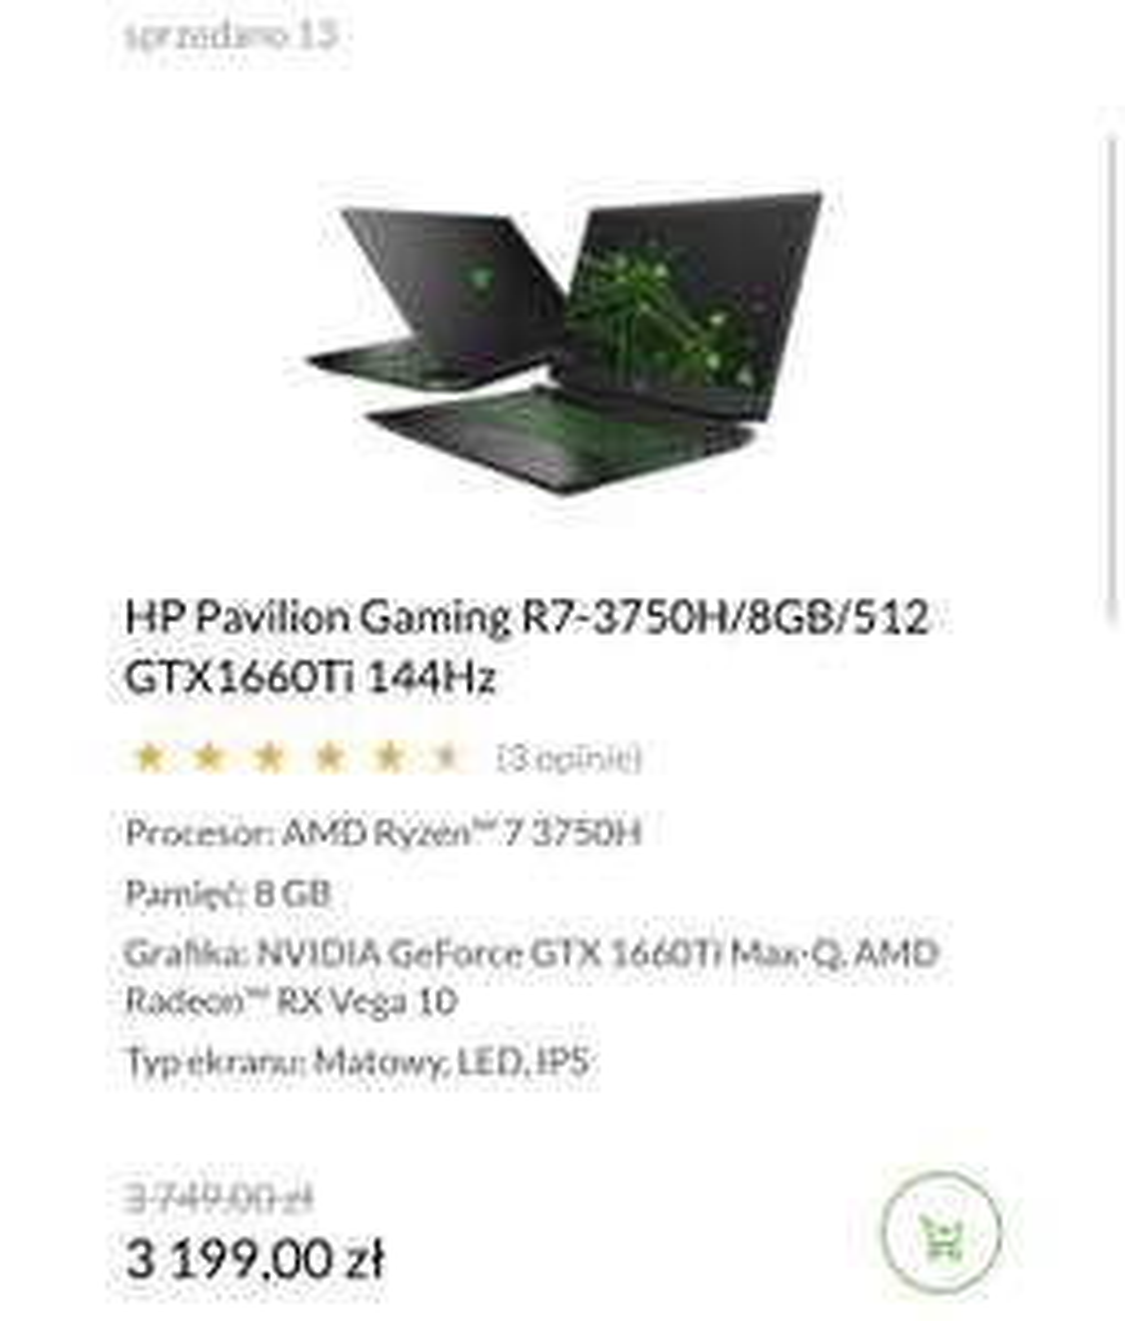 Laptop HP Pavilion Gaming R7-3750H/8GB/512 GTX1660Ti 144Hz